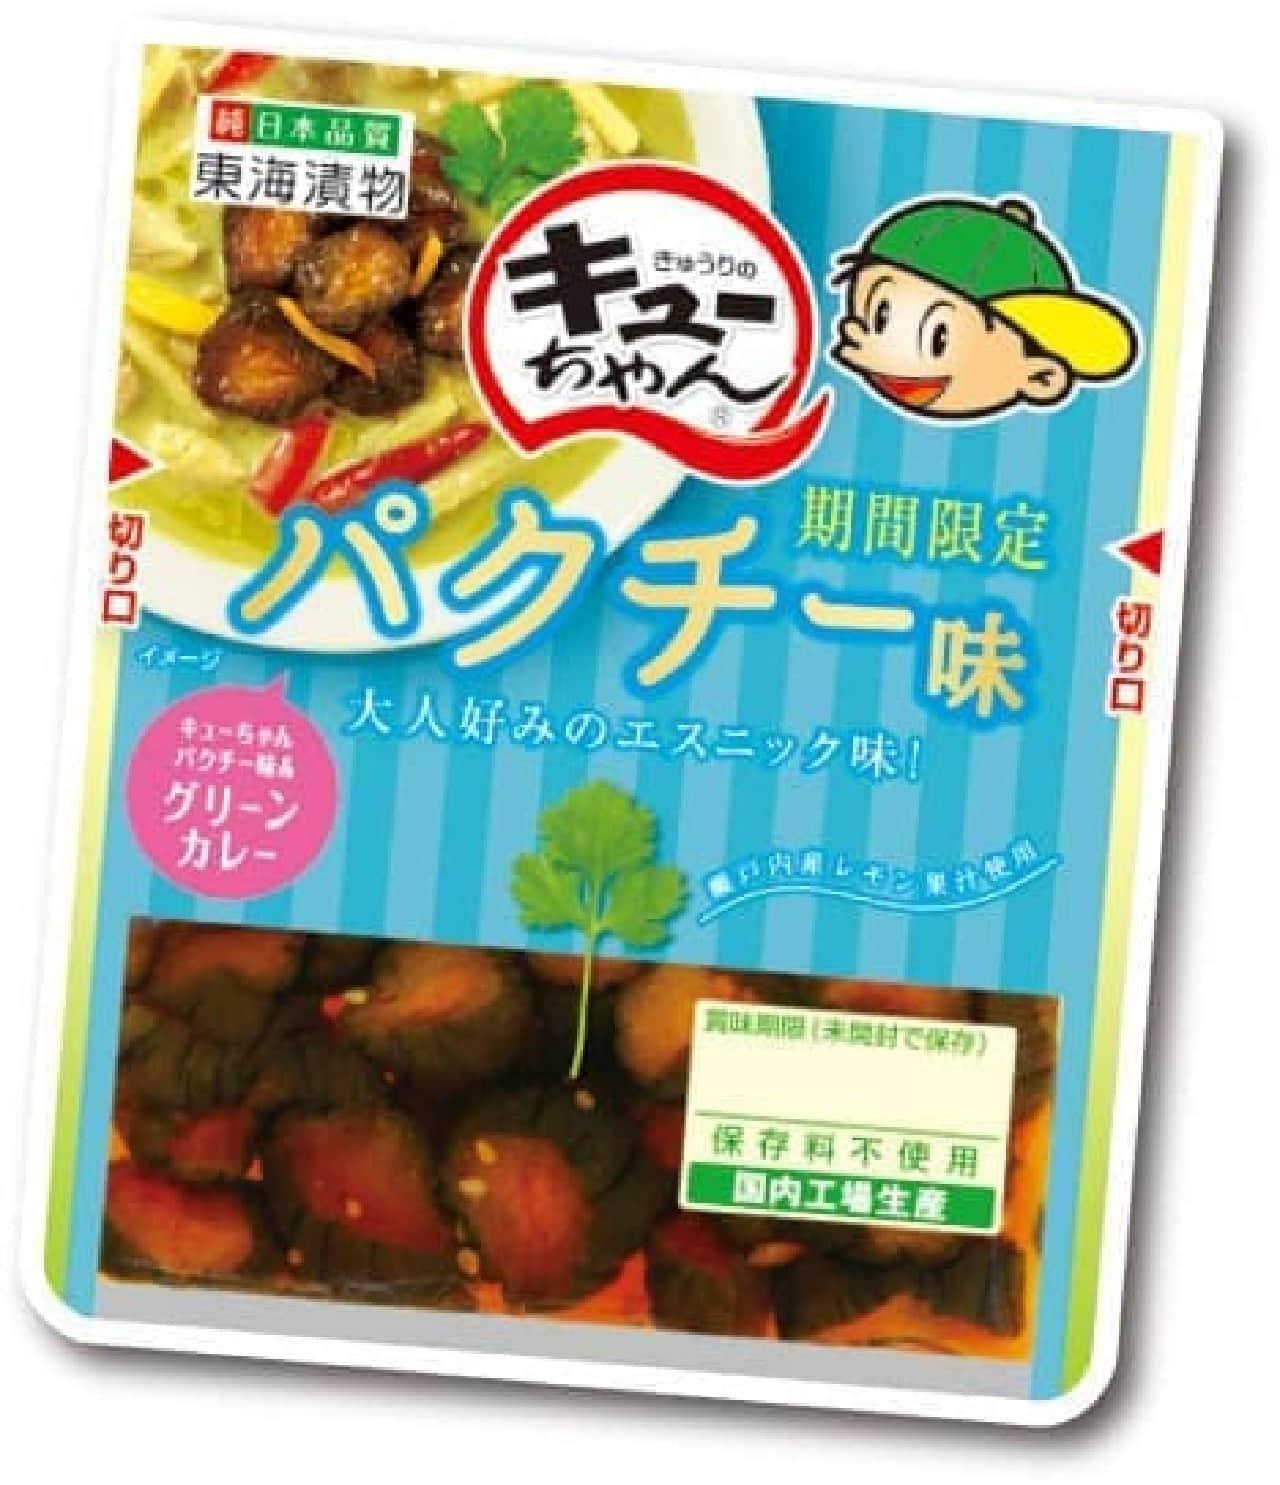 きゅうりのキューちゃん パクチー味